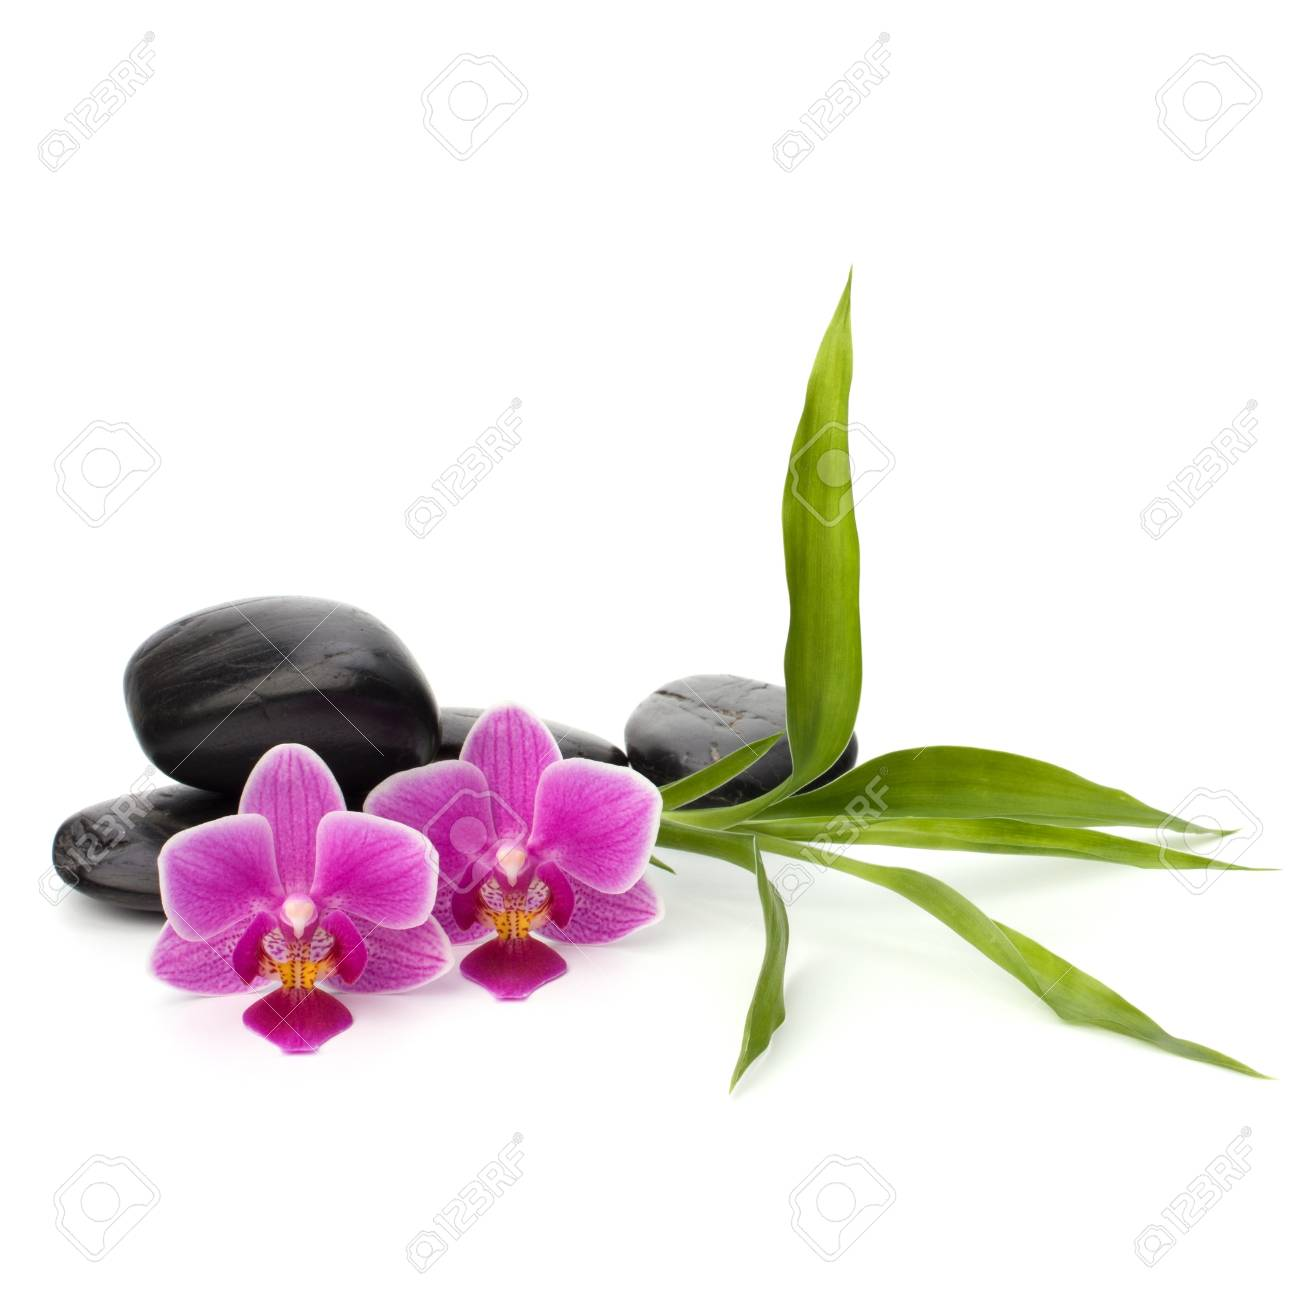 Zen pebbles balance. Spa and healthcare concept. Stock Photo - 13191288